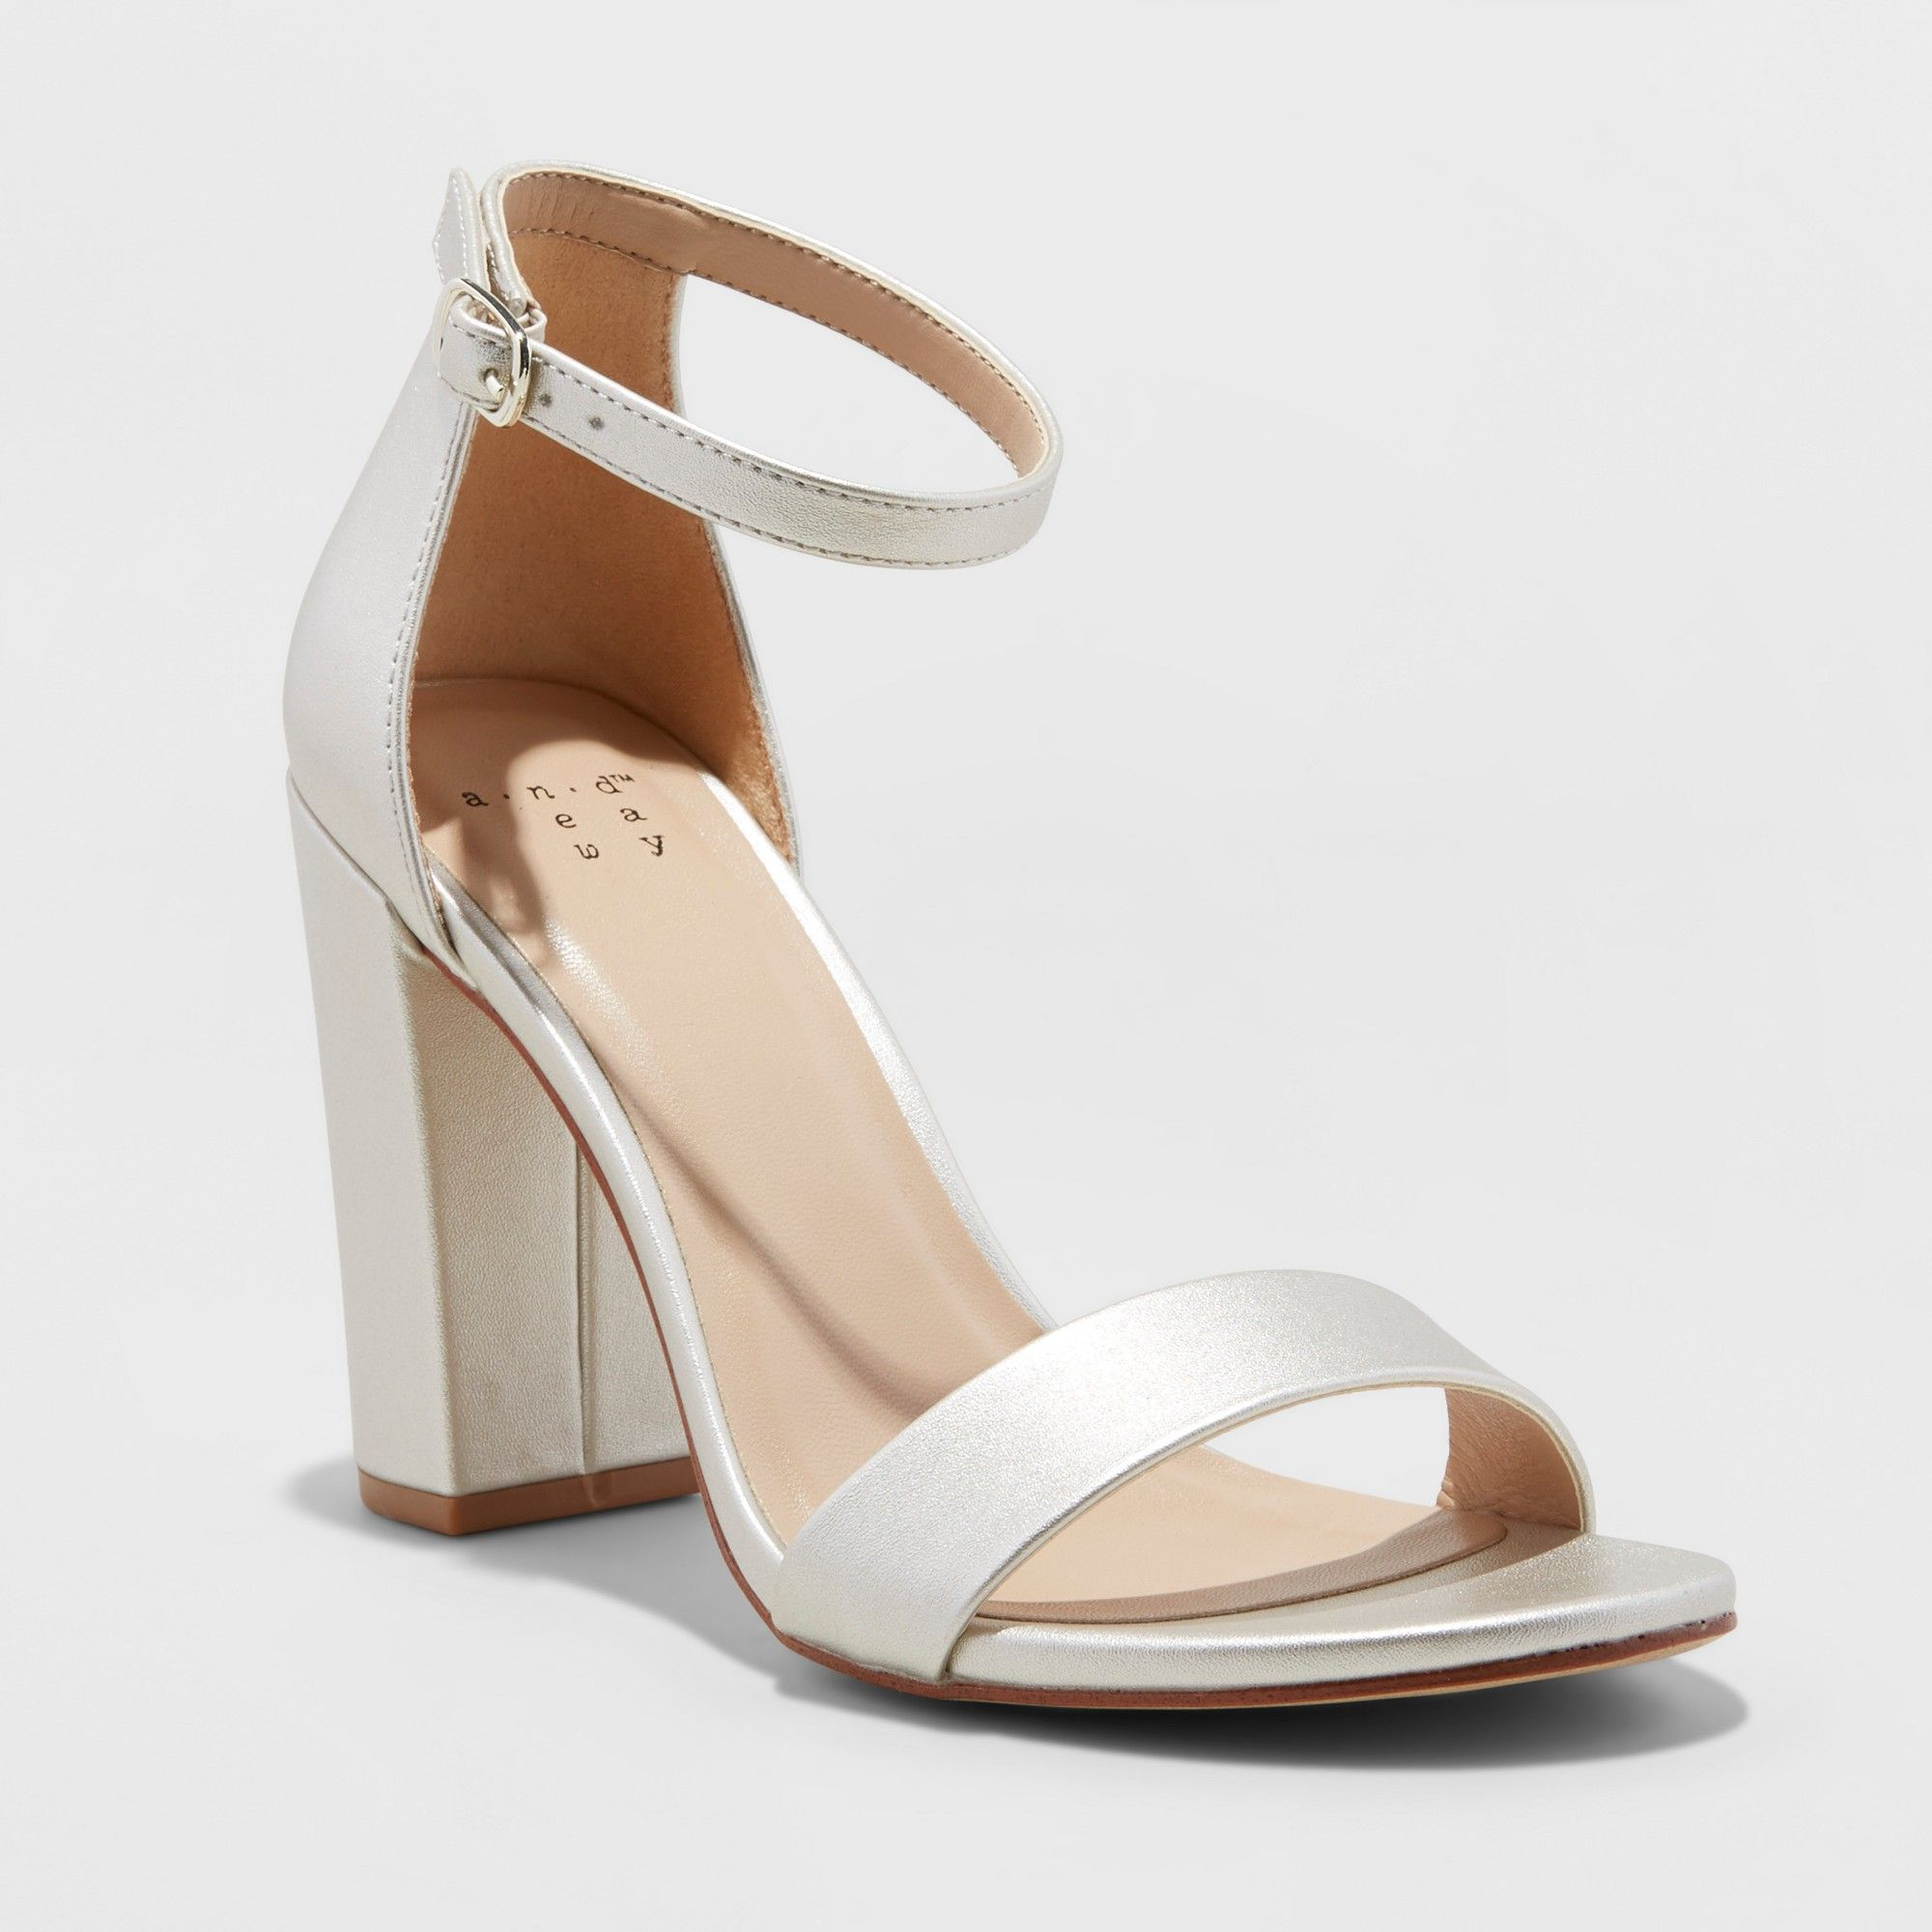 2237360922c Women s Ema Glitter Satin Wide Width High Block Heel Pump Sandal - A New  Day™ Rose Gold 5W